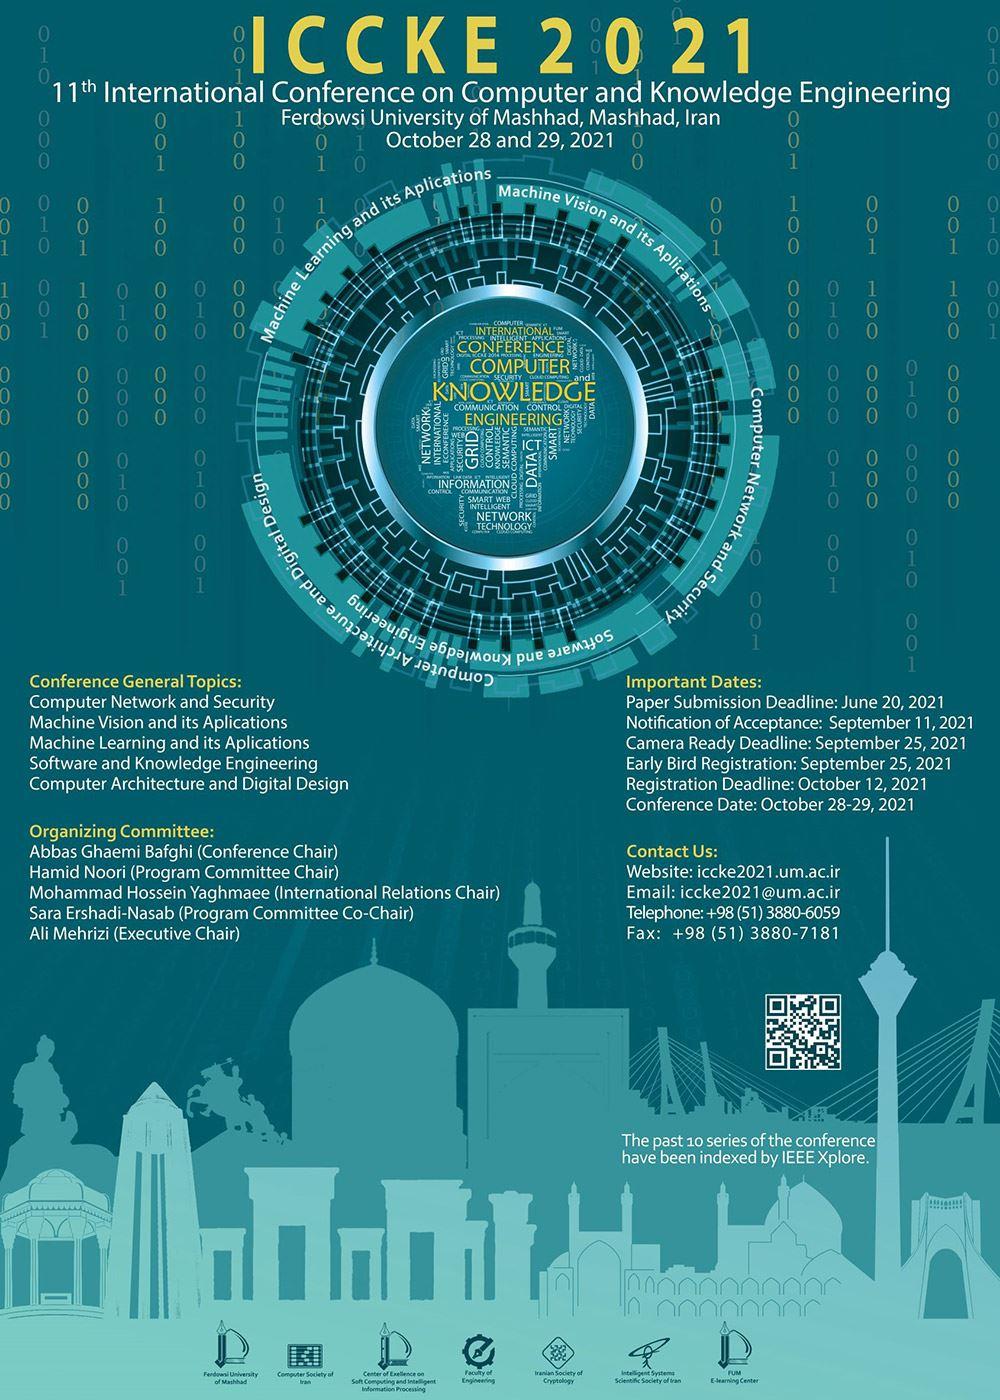 یازدهمین کنفرانس بین المللی کامپیوتر و مهندسی دانش ۲۰۲۱ ICCKE در مشهد برگزار میشود